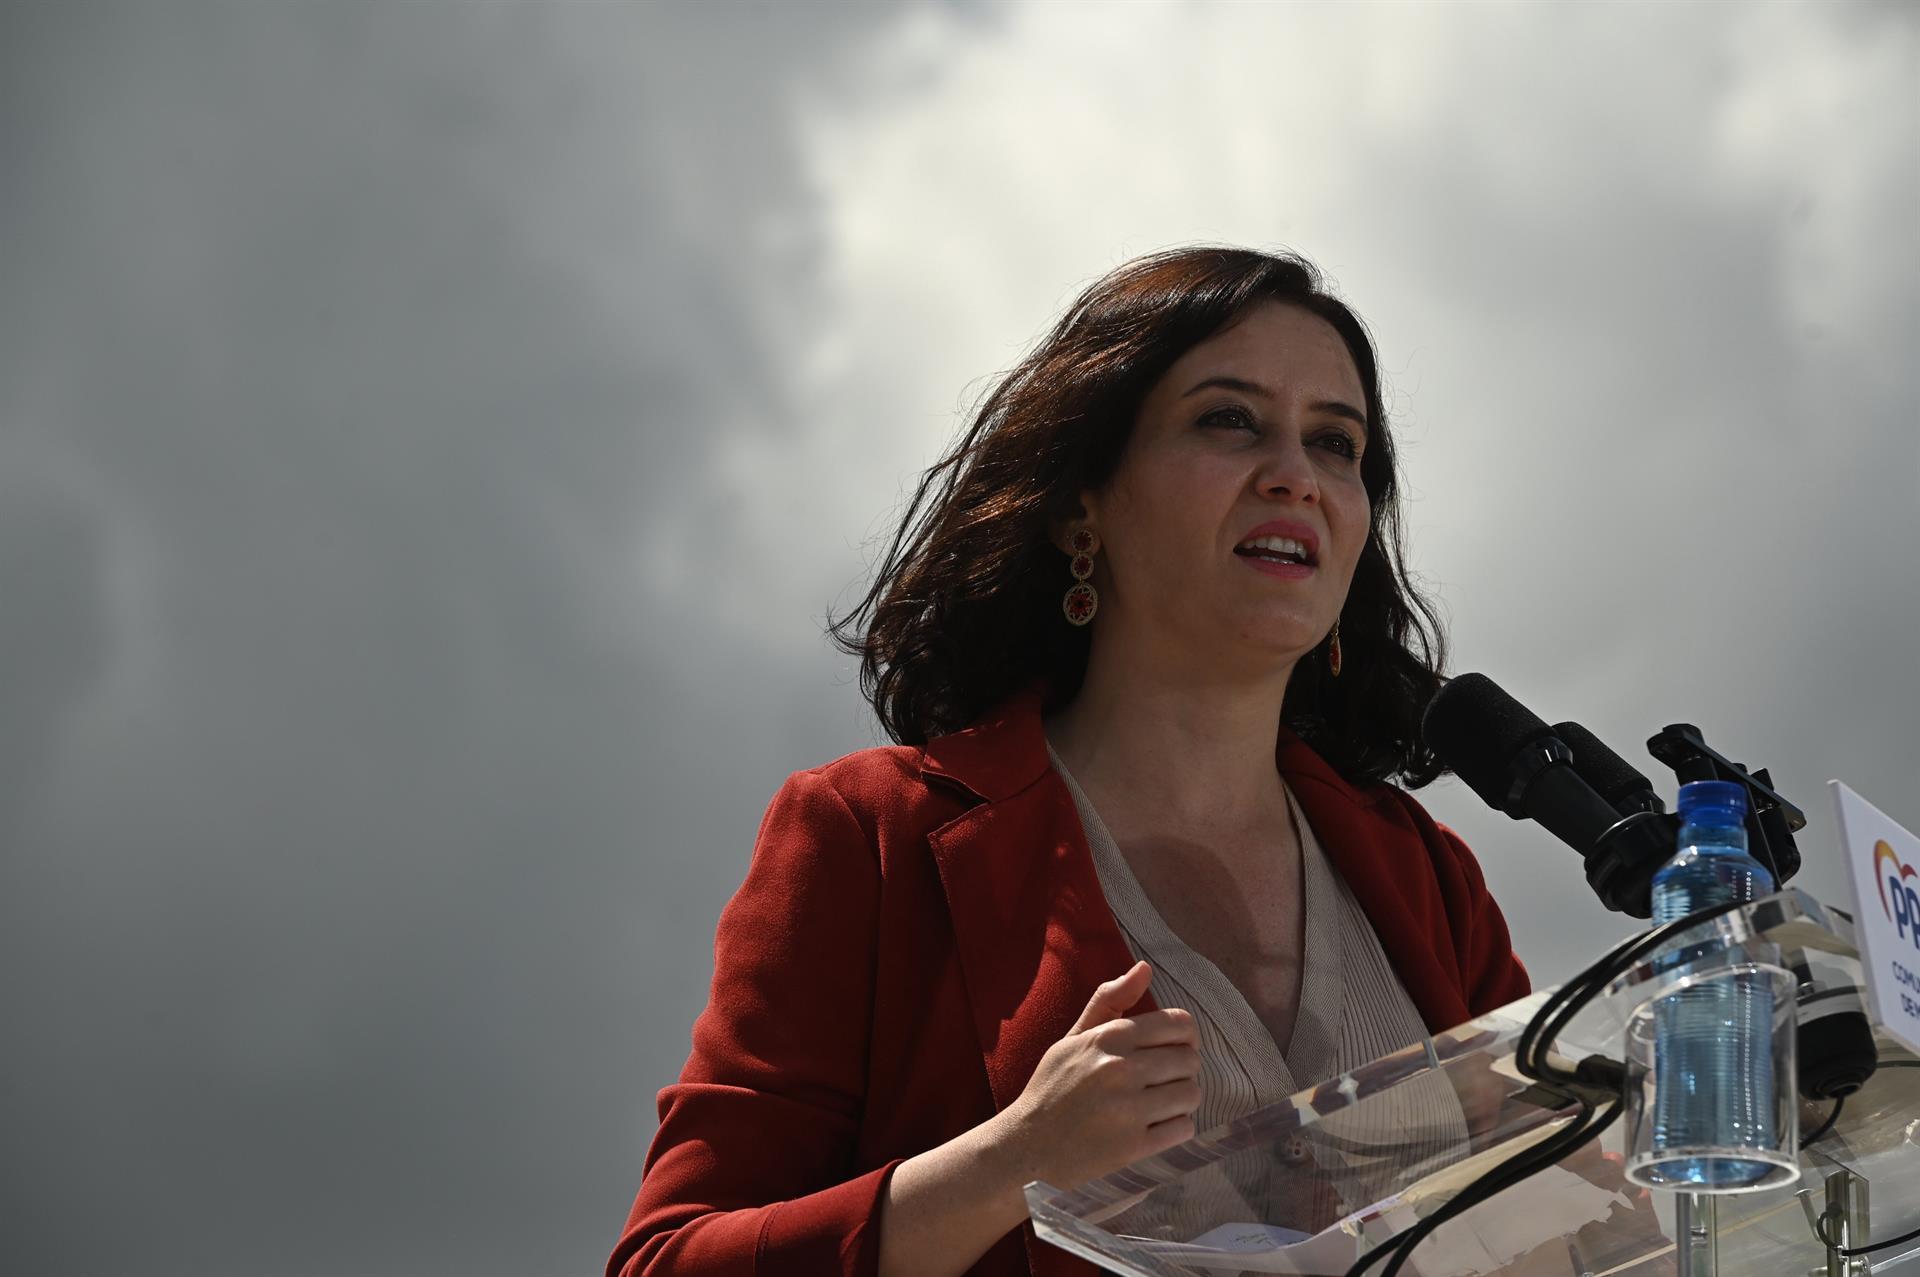 La presidenta de la Comunidad de Madrid, Isabel Díaz Ayuso, durante un acto de campaña. EFE/Fernando Villar